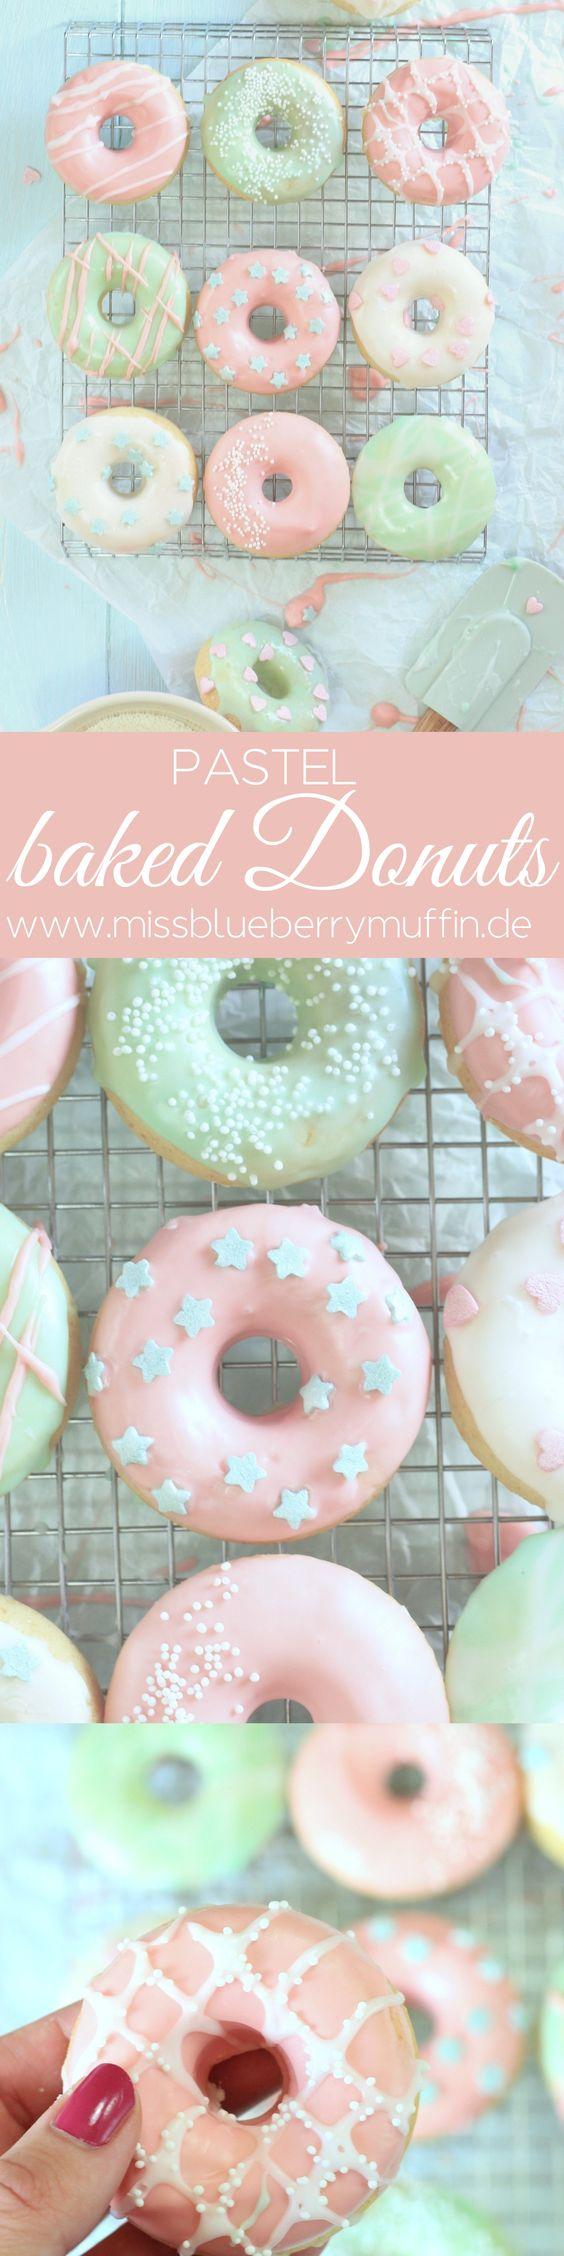 Gebackene mini Donuts mit Guss in Pastellfarben! // mini baked Donuts <3